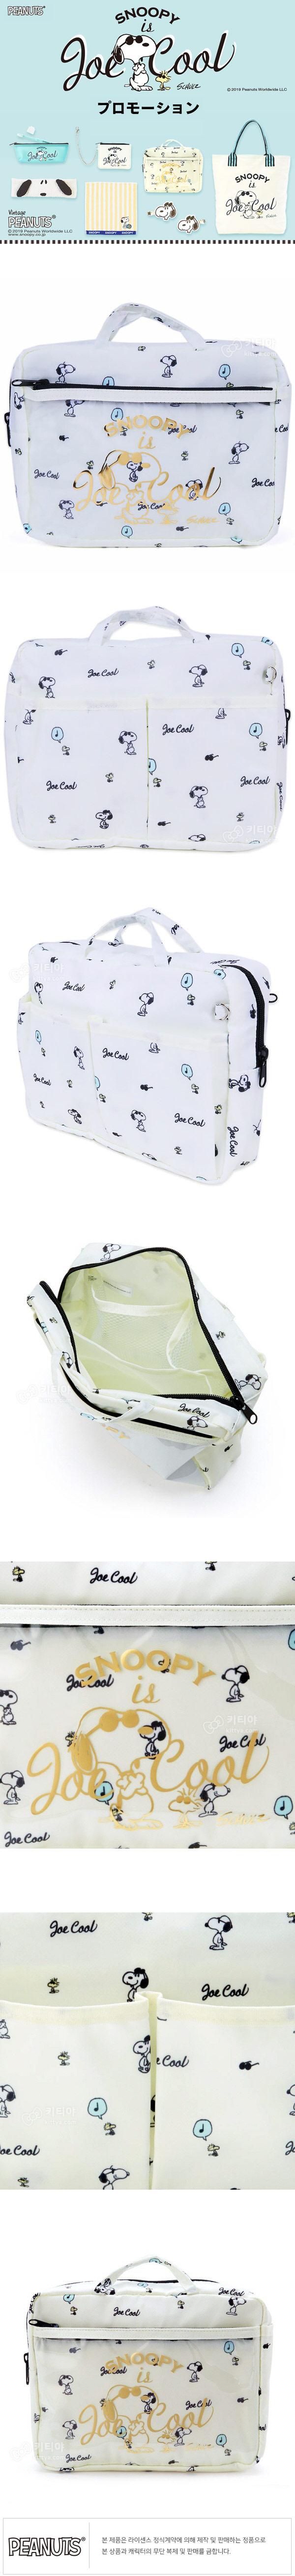 스누피 JOE COOL 백인백 - 키티야, 47,900원, 다용도파우치, 끈/주머니형